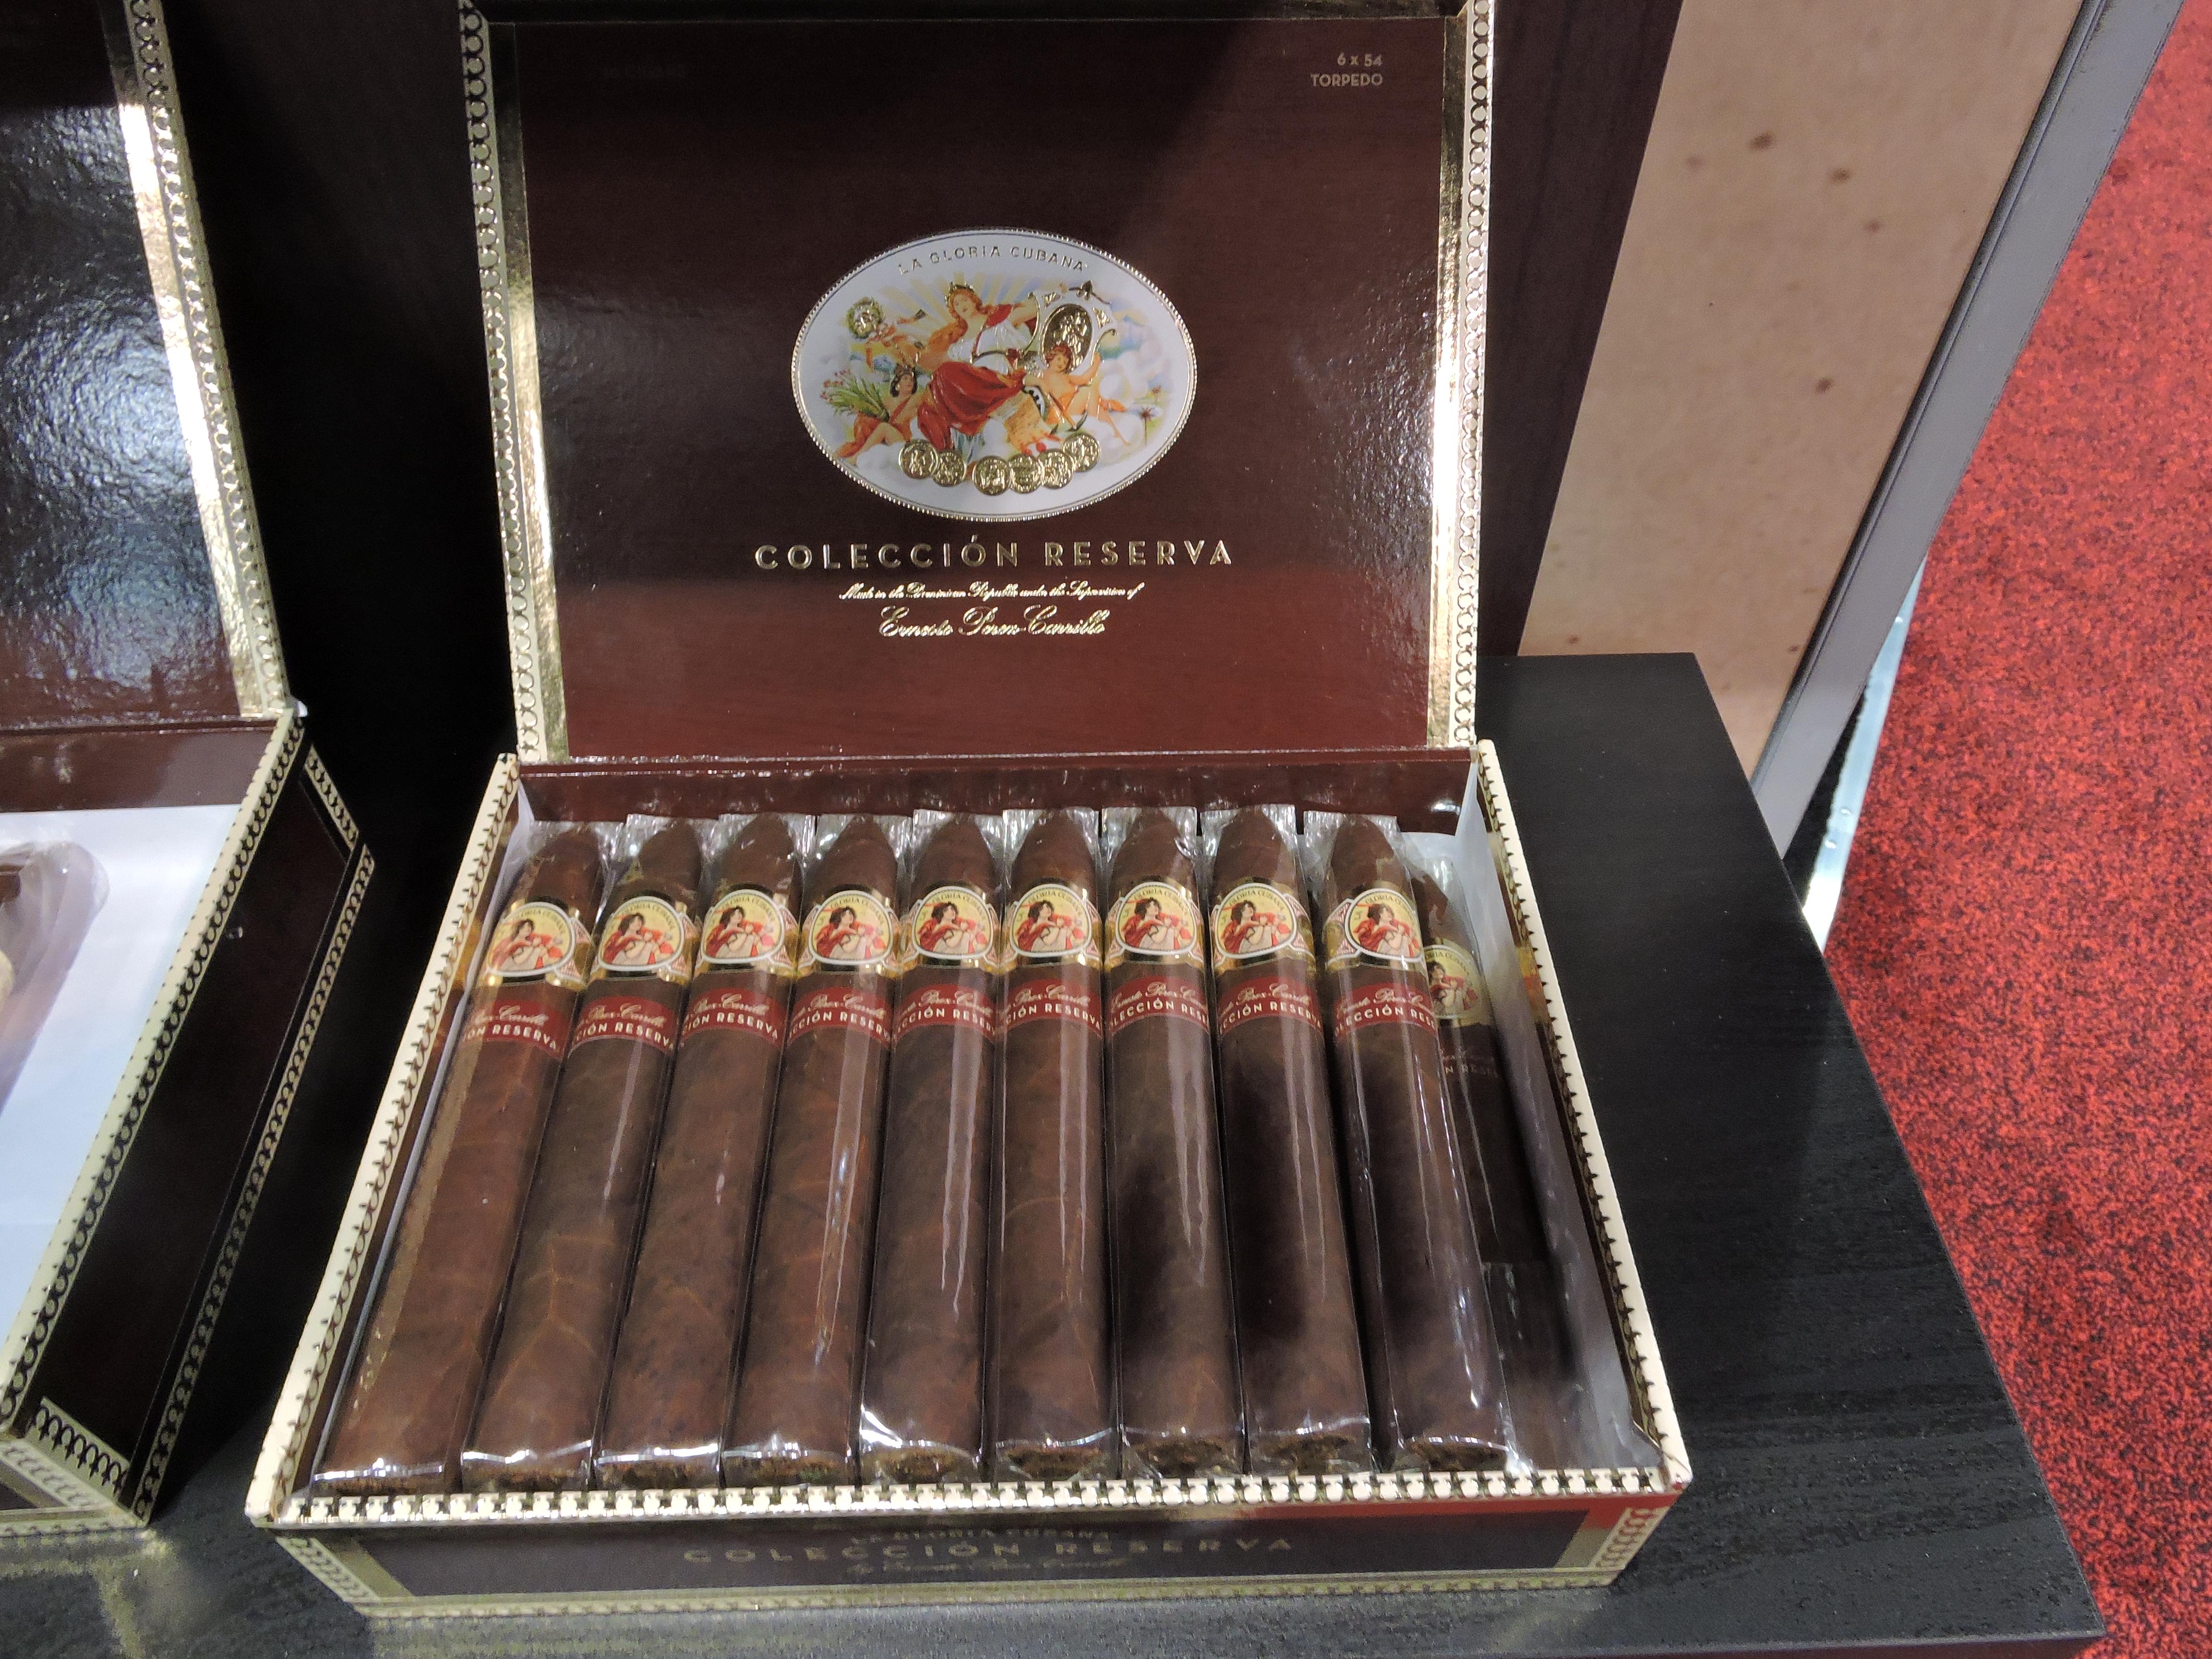 Cigar News: La Gloria Cubana Colección Reserva Launched at 2017 IPCPR